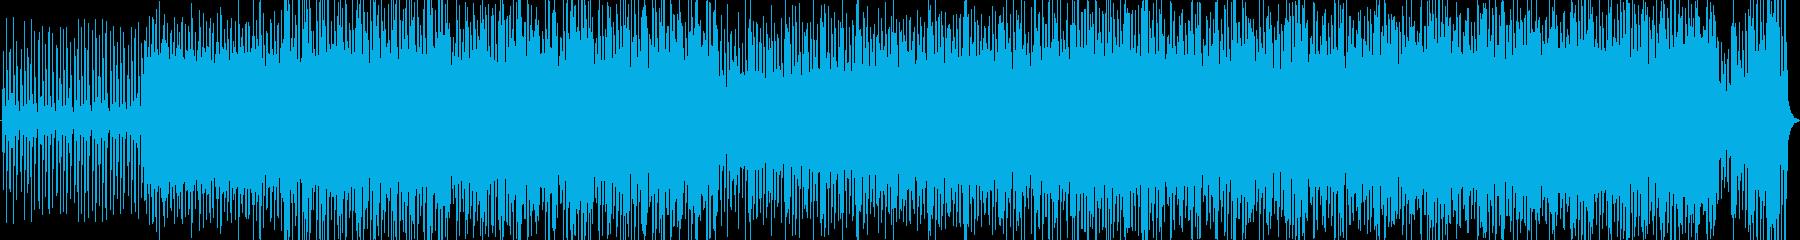 スピード感のあるオーケストラの再生済みの波形